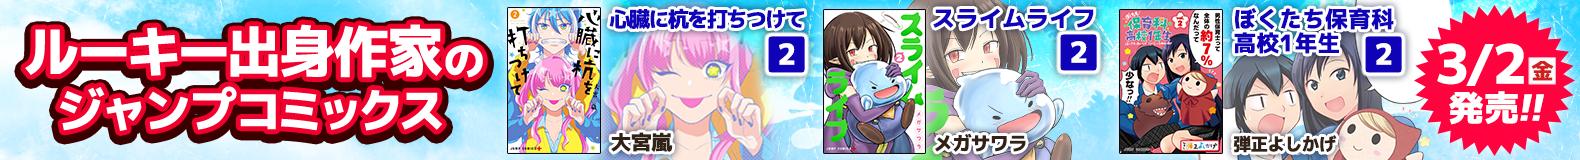 ルーキー出身作家のジャンプコミックス、3冊発売!!